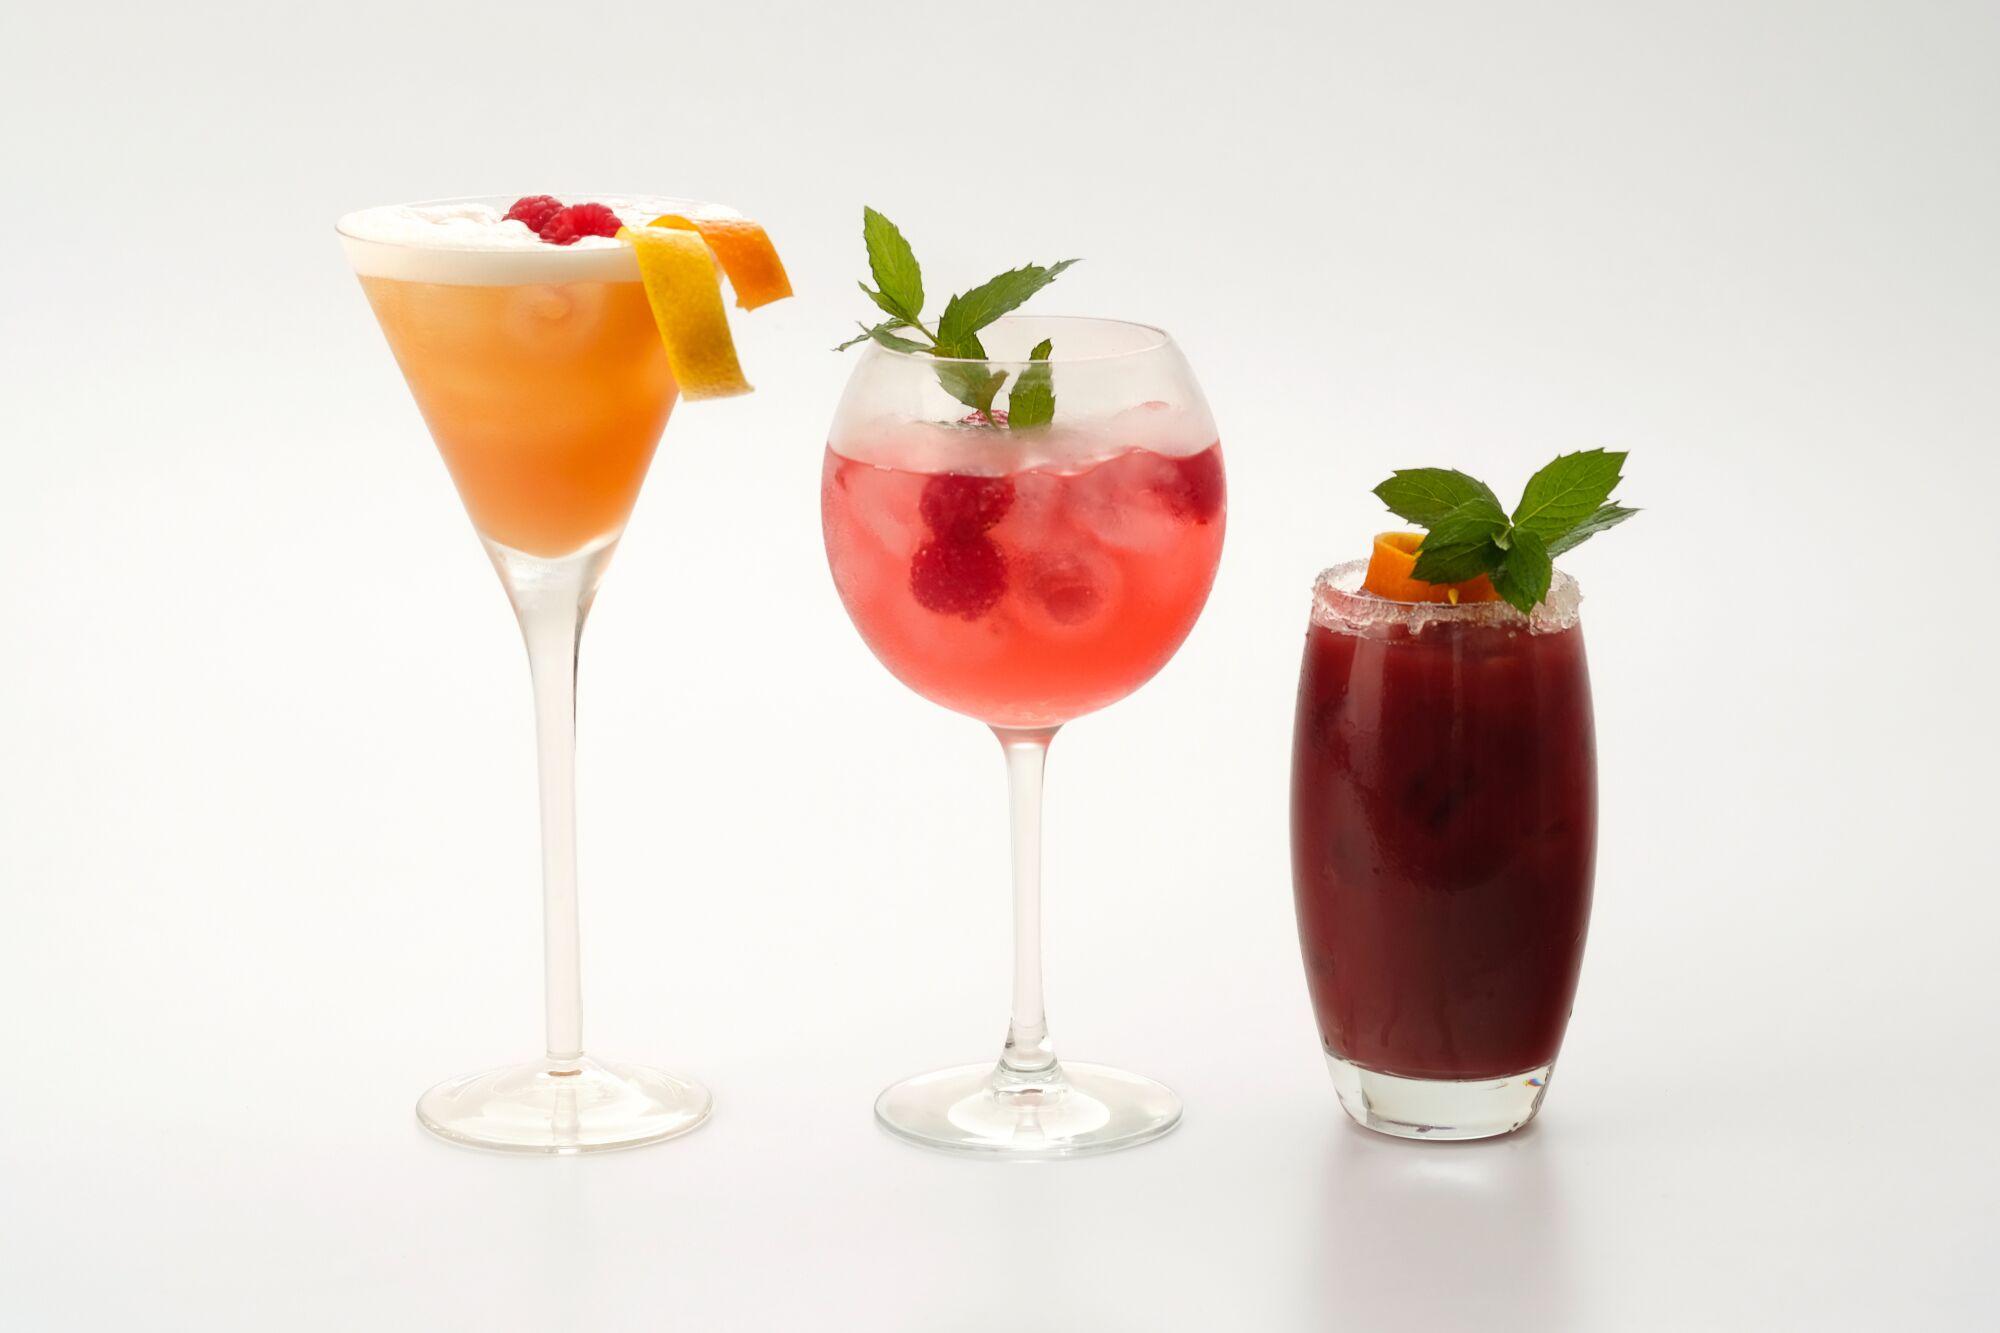 RECIPE: Christmas cocktails 1